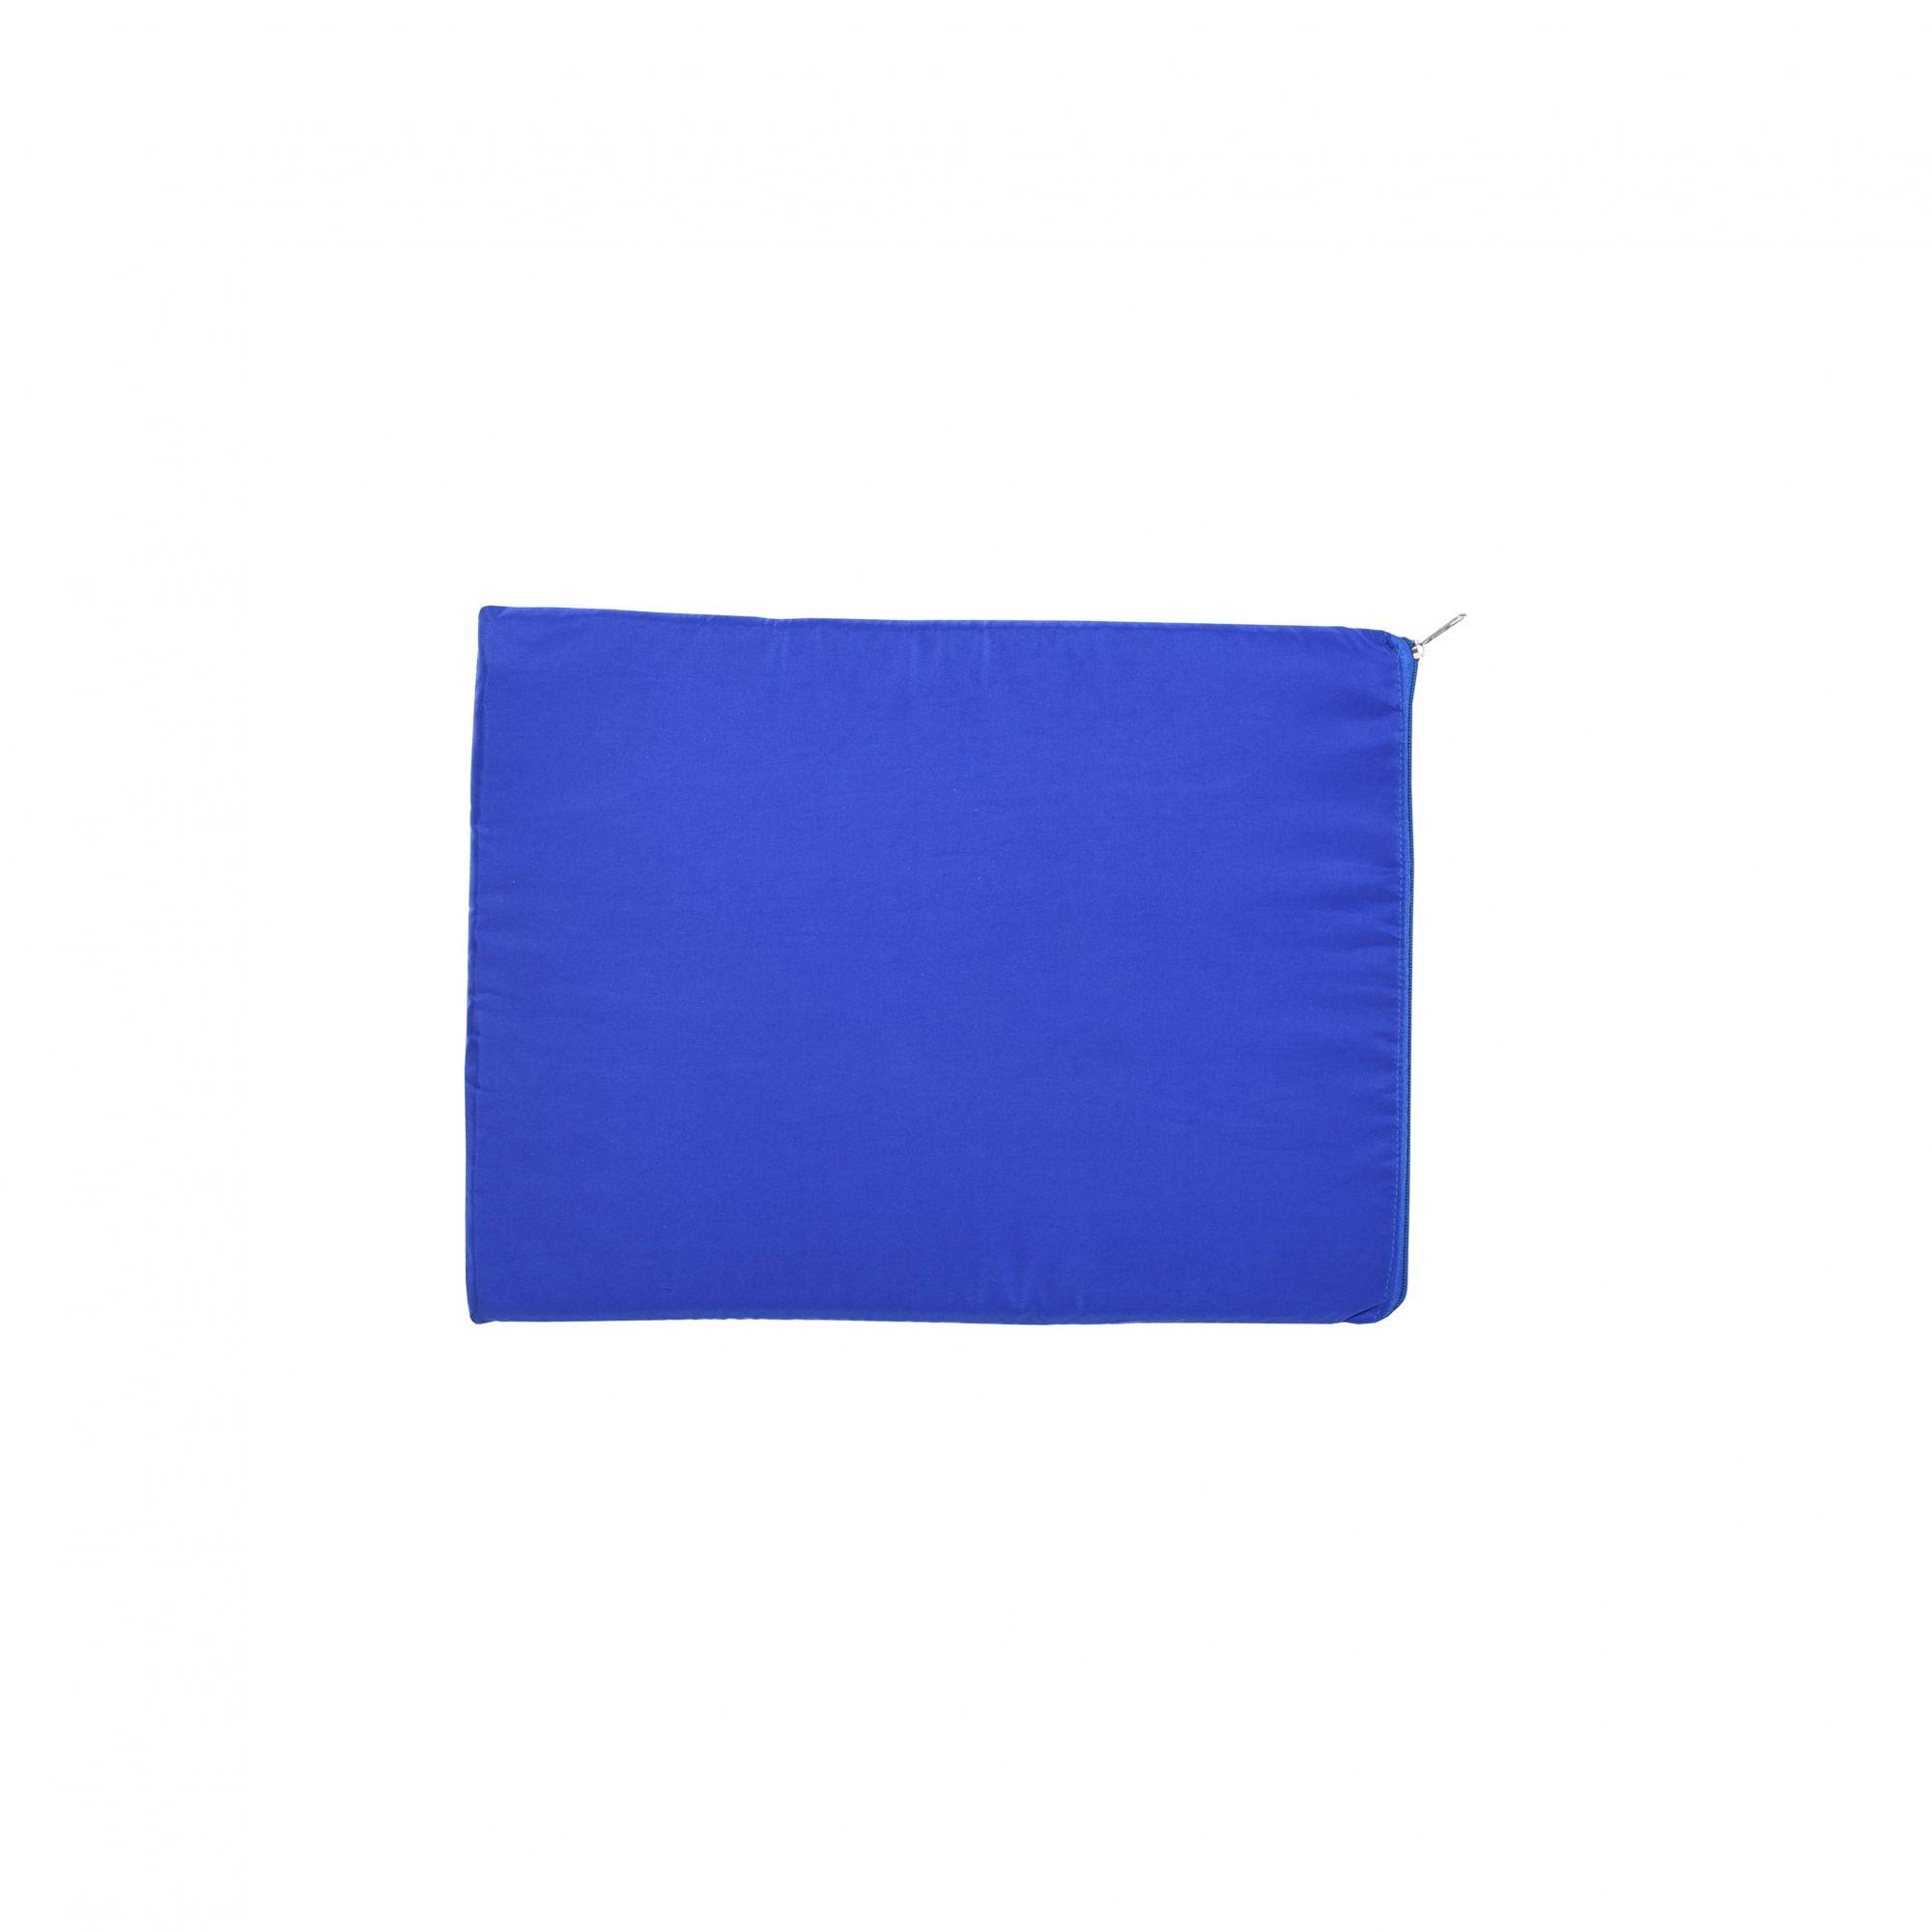 Kit Casinha Ecológica n. 02 com Colchonete Azul e placa de nome